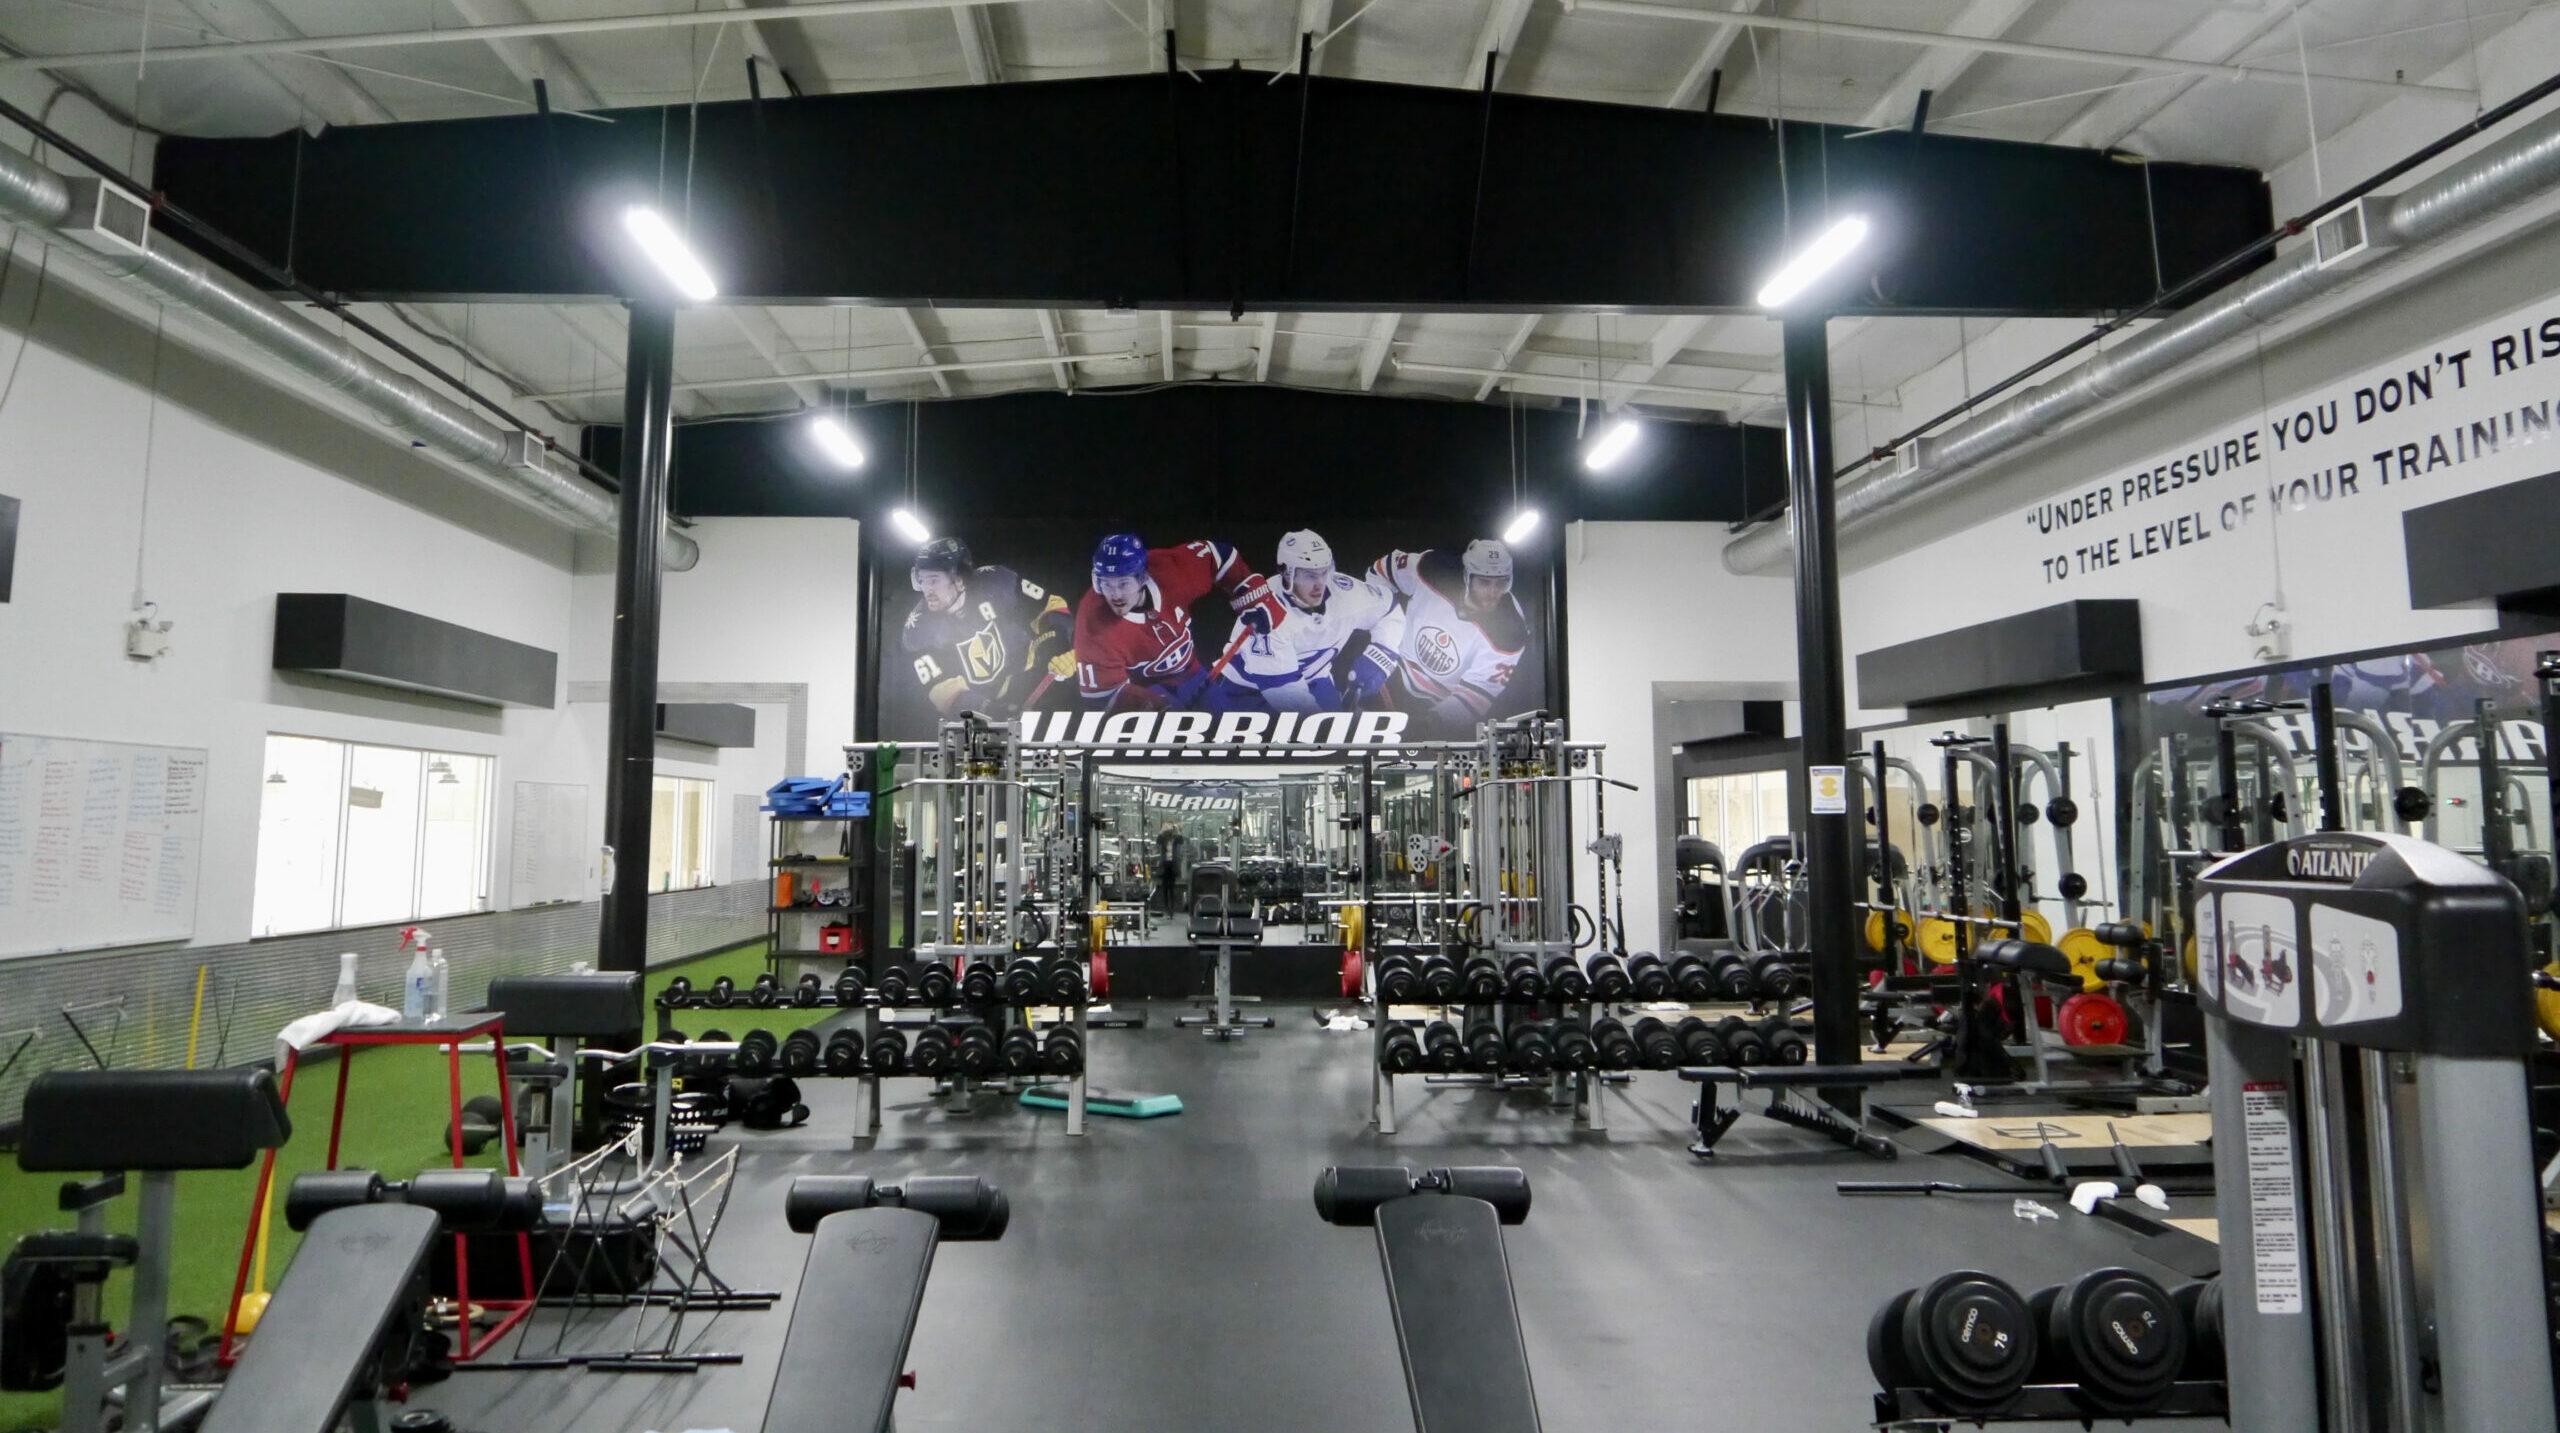 Warrior gym 2